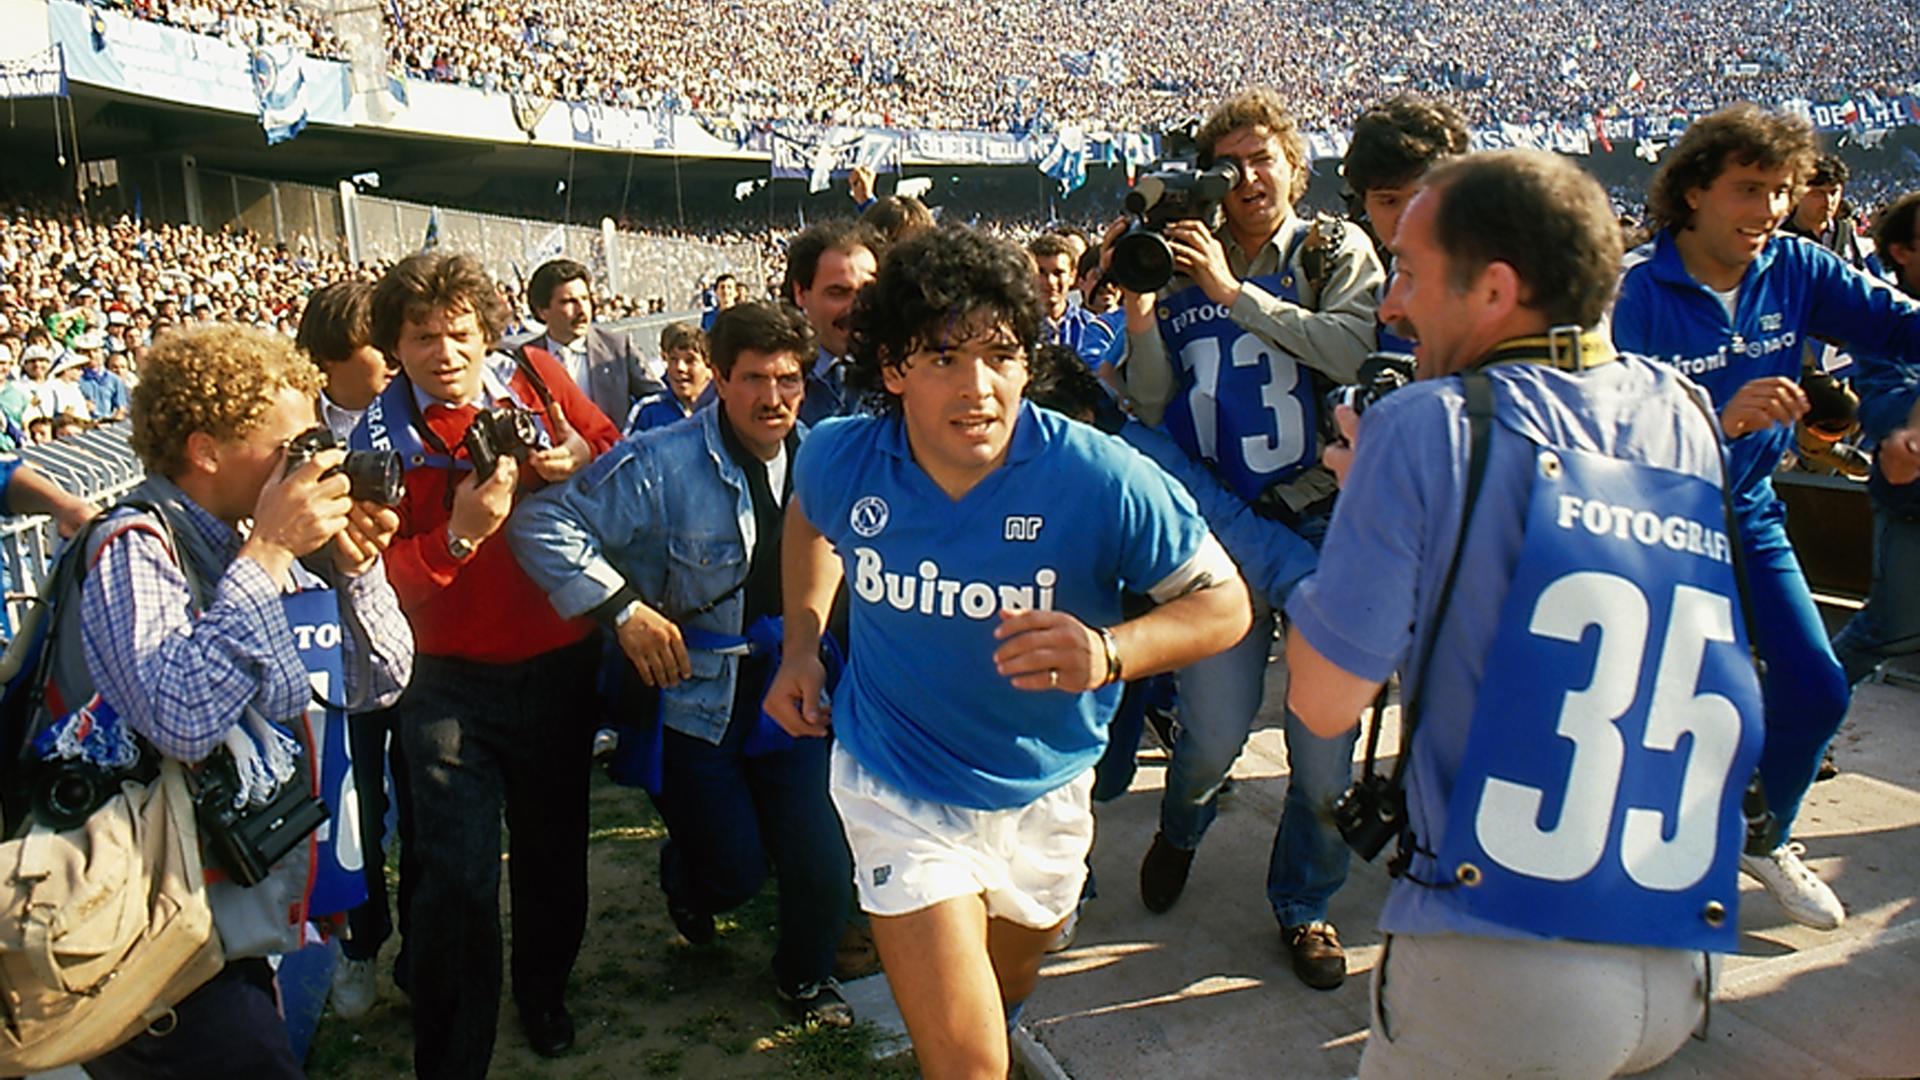 Diego Maradona Documentary Release Date Description All You Need To Know Goal Com